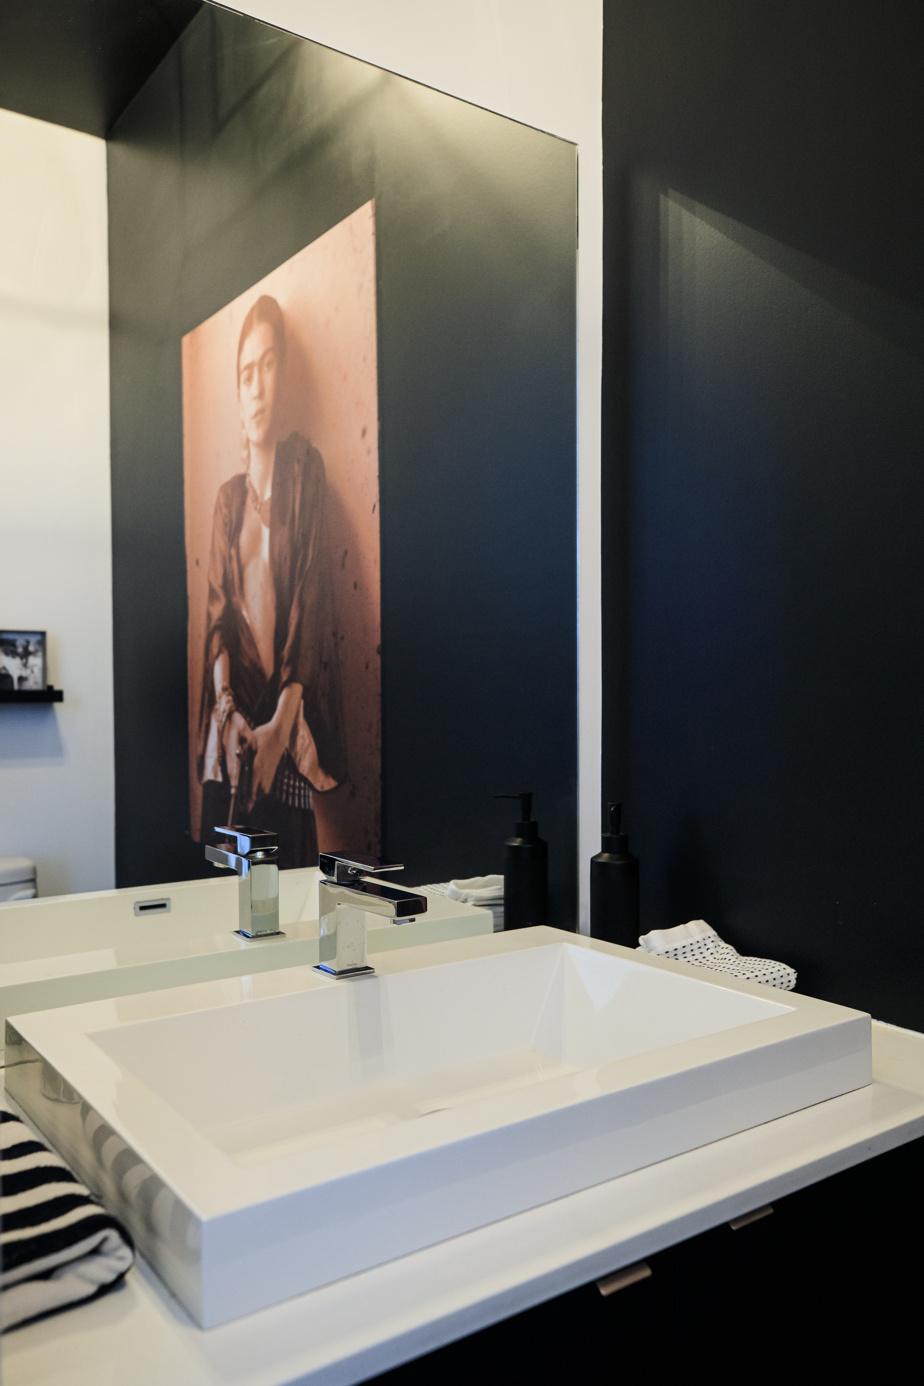 Quand on entre dans la maison, on voit directement la salle d'eau. «Il y avait juste un mur blanc. Le propriétaire est d'origine mexicaine et il aime ce qui vient de son pays d'origine. J'ai proposé de faire quelque chose de théâtral en mettant une image en sépia de Frida Kahlo sur un mur noir. Le plafond est aussi peint en noir, et on y a fixé un bel éclairage. Puis j'ai ajouté une tablette et des objets déco rappelant le Mexique. C'est pas grand-chose, mais ça change tout», explique la styliste et designer Carolina Auz.